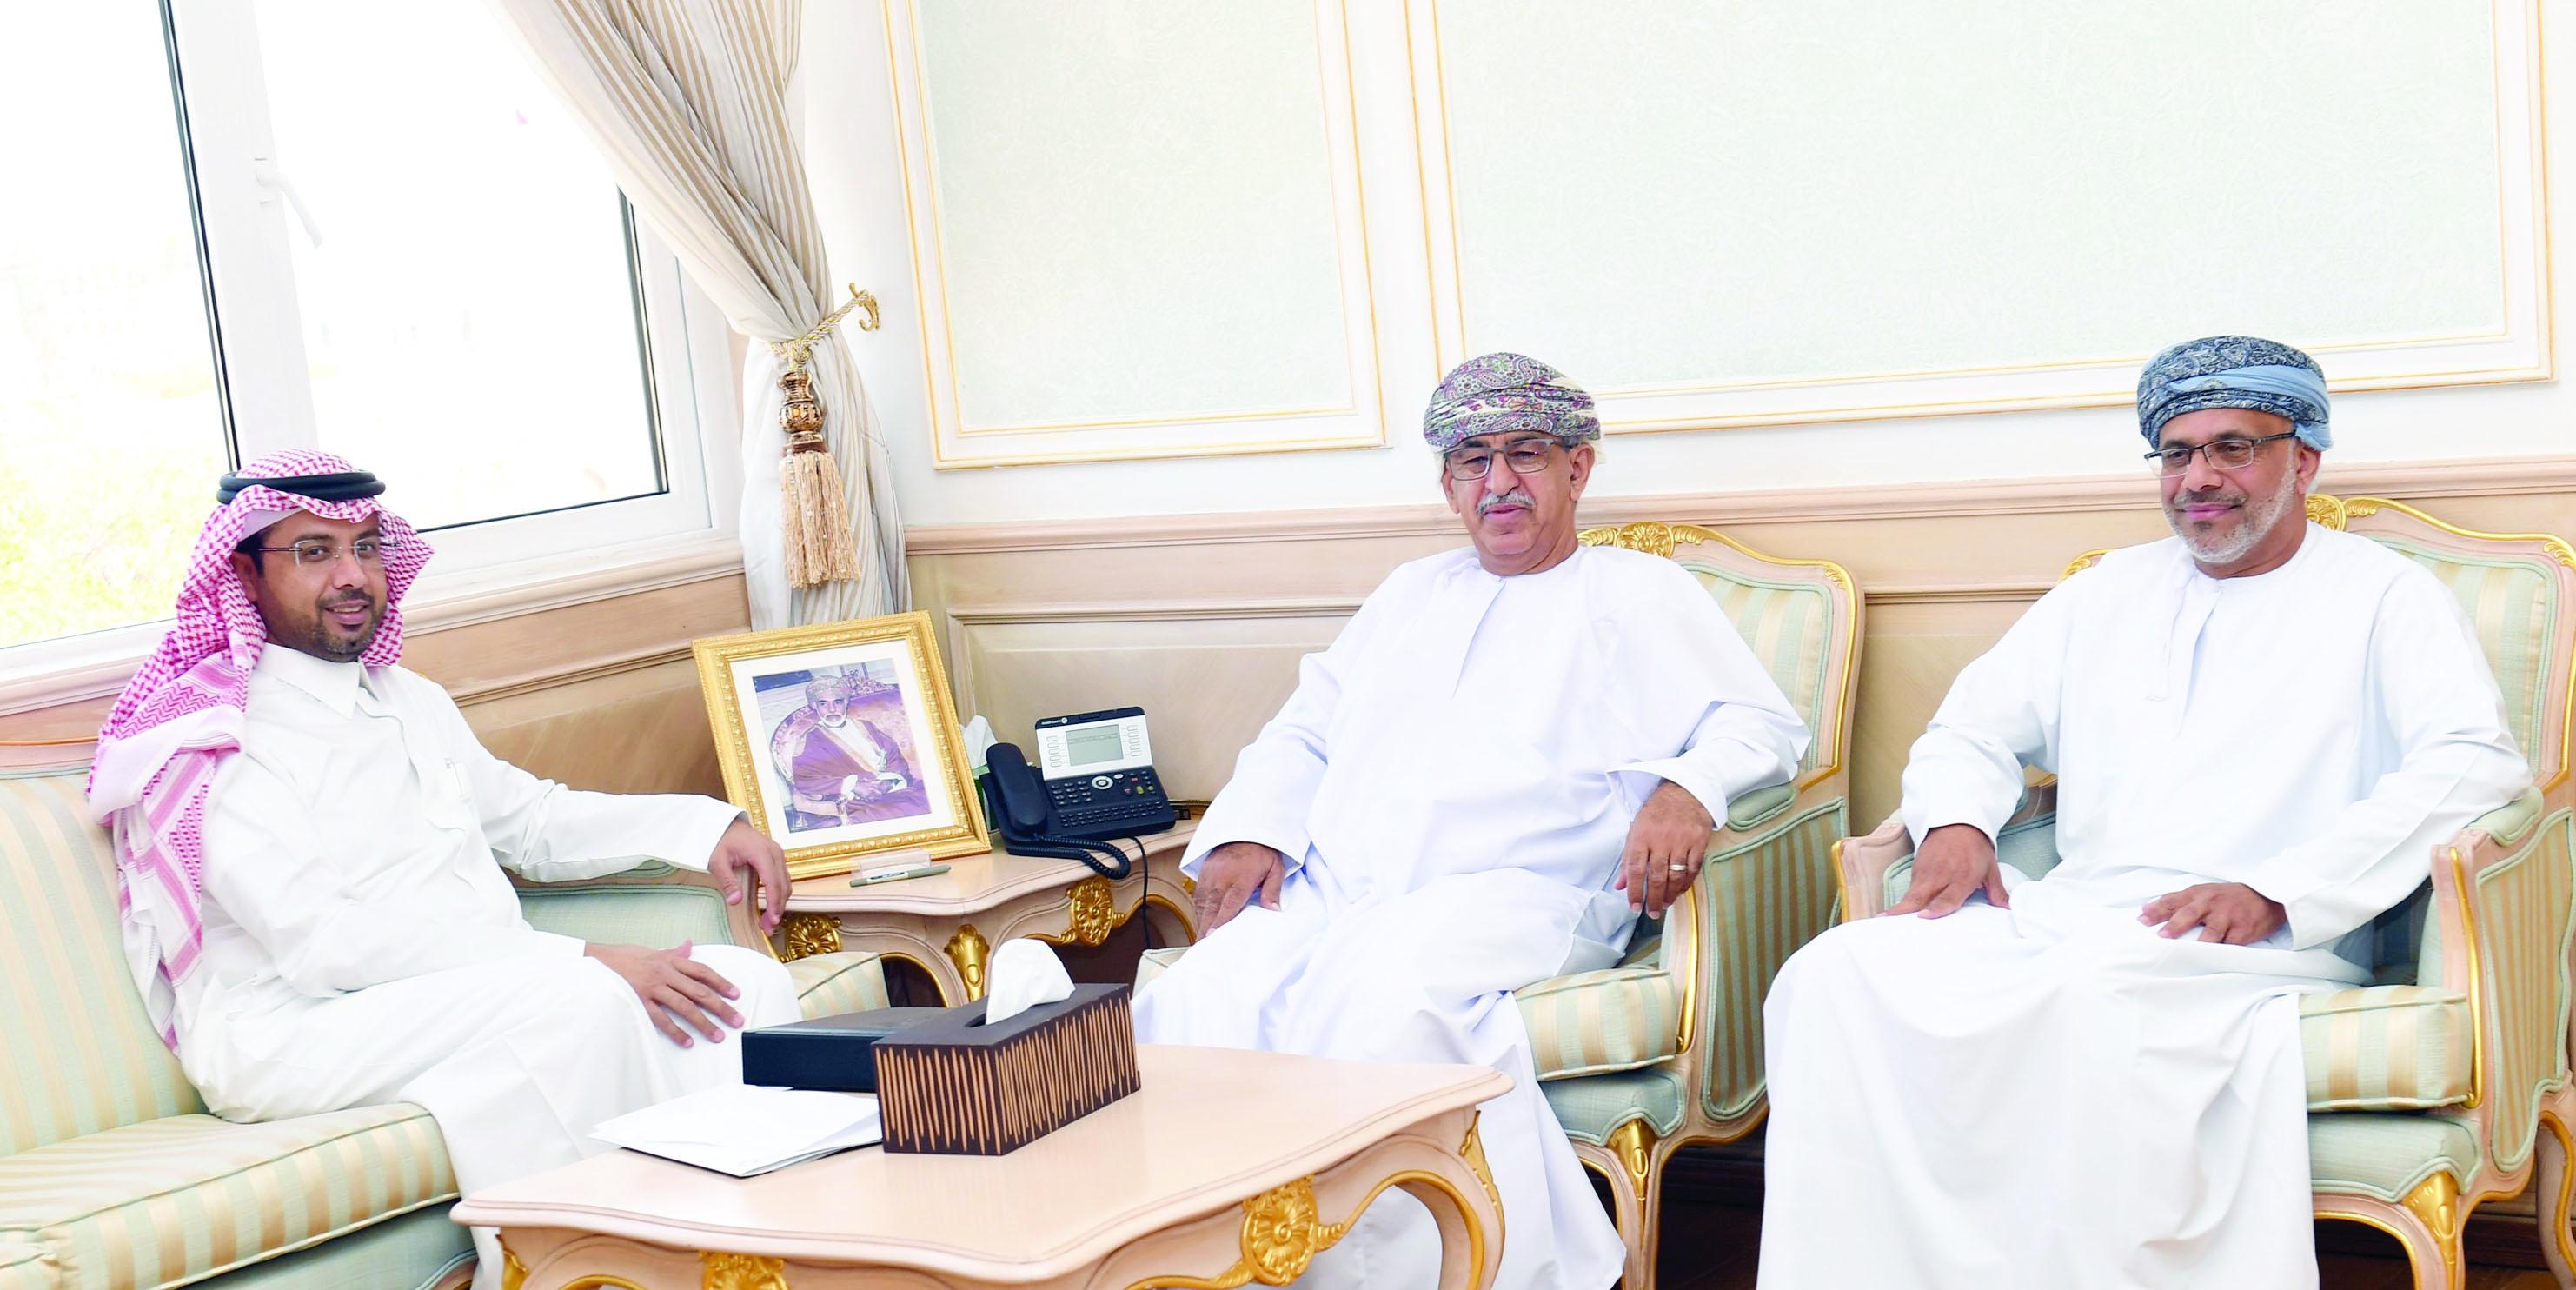 السعيدي يلتقي مدير مجلس الصحة الخليجي